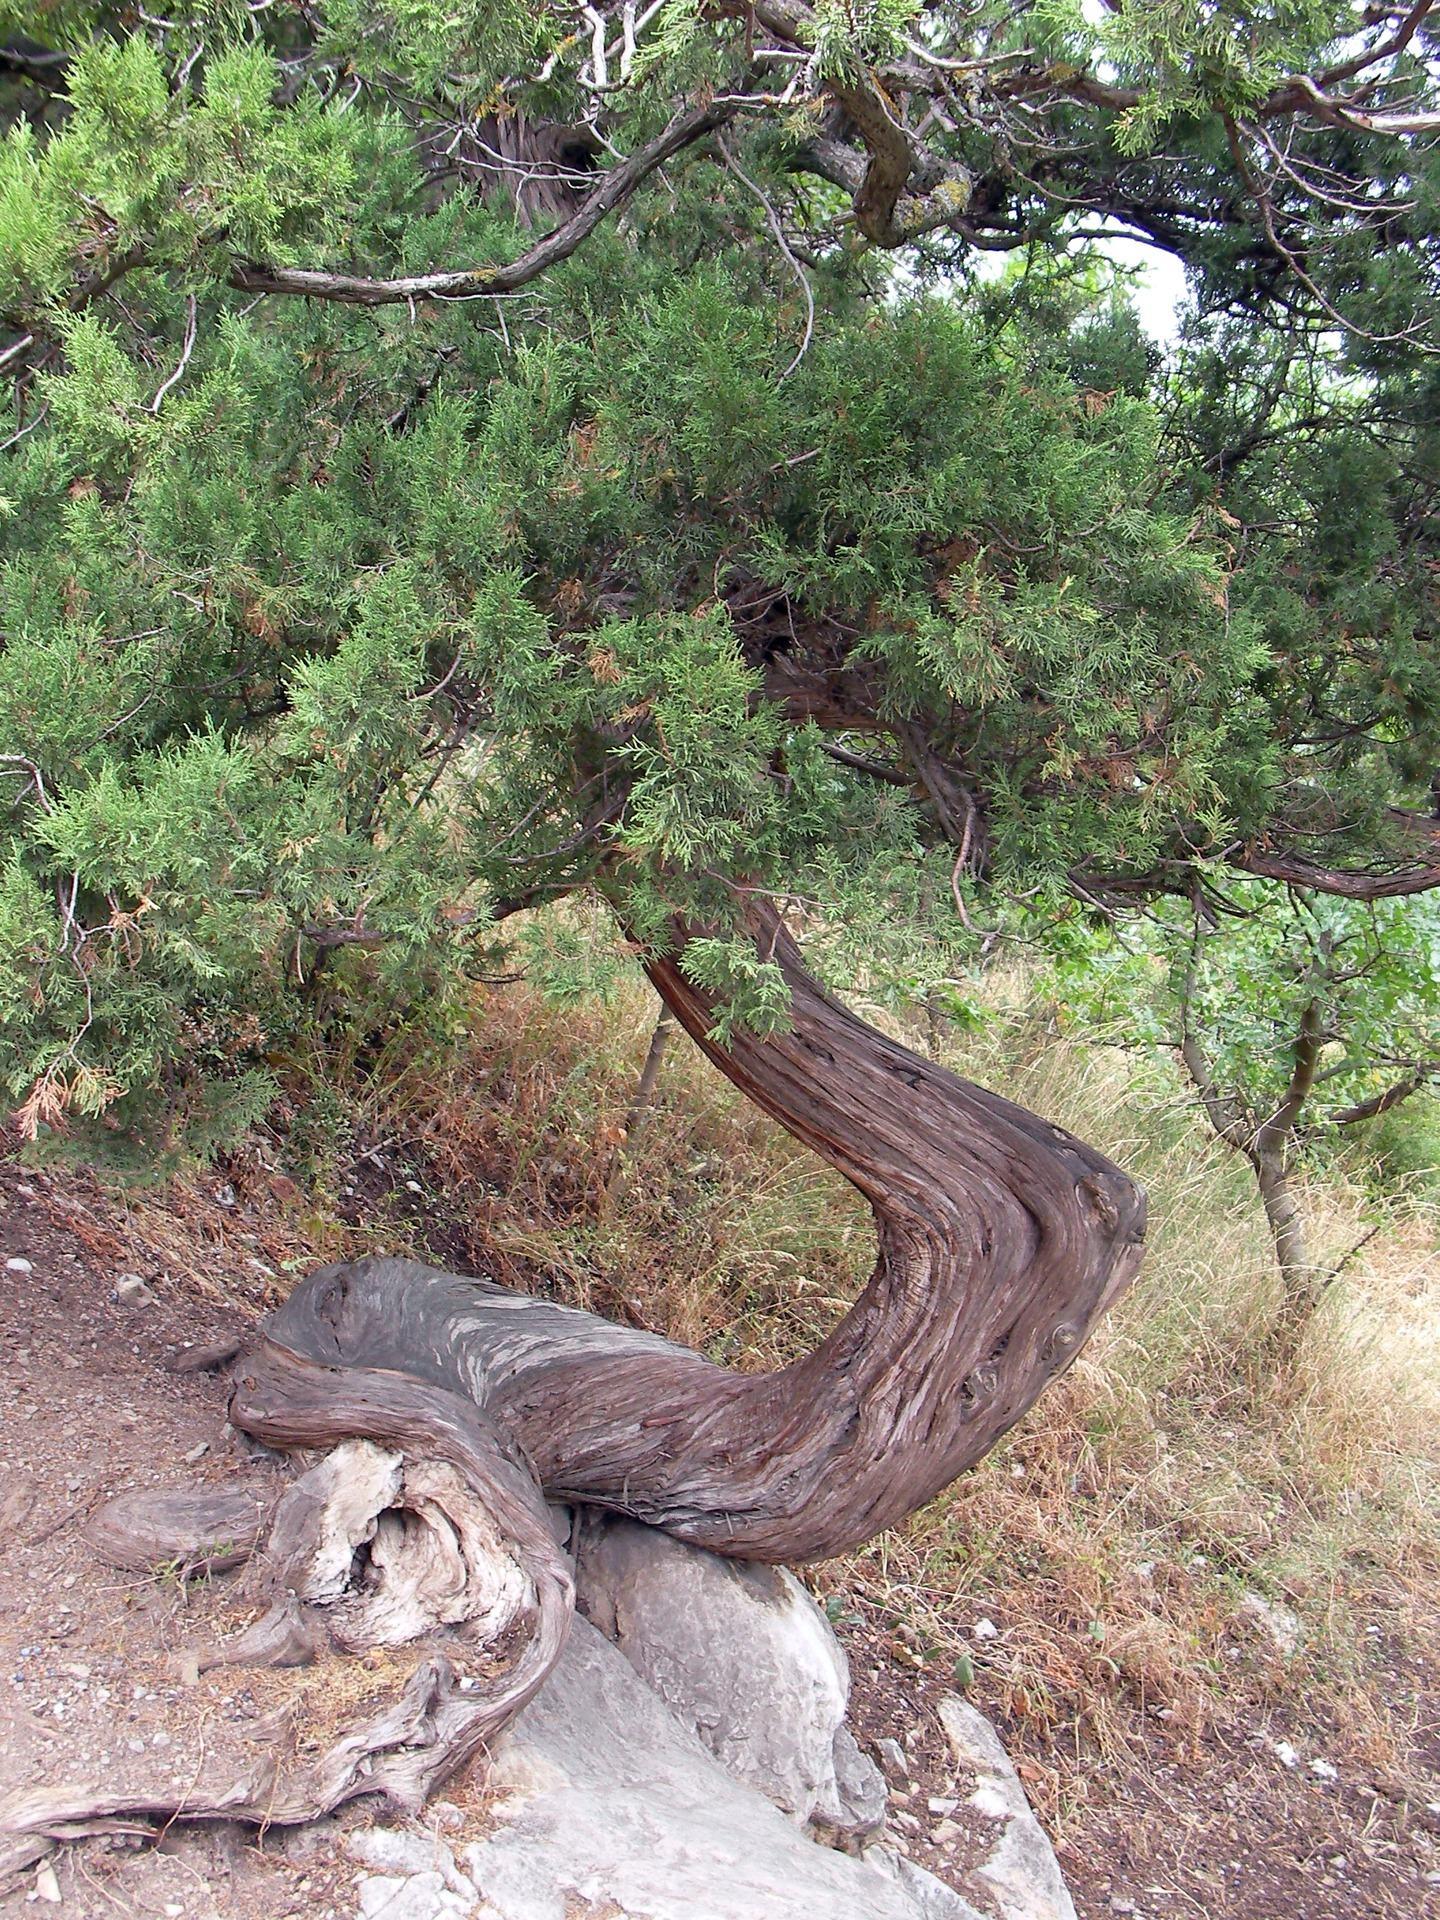 o'rash Poyasi bilan Conifer